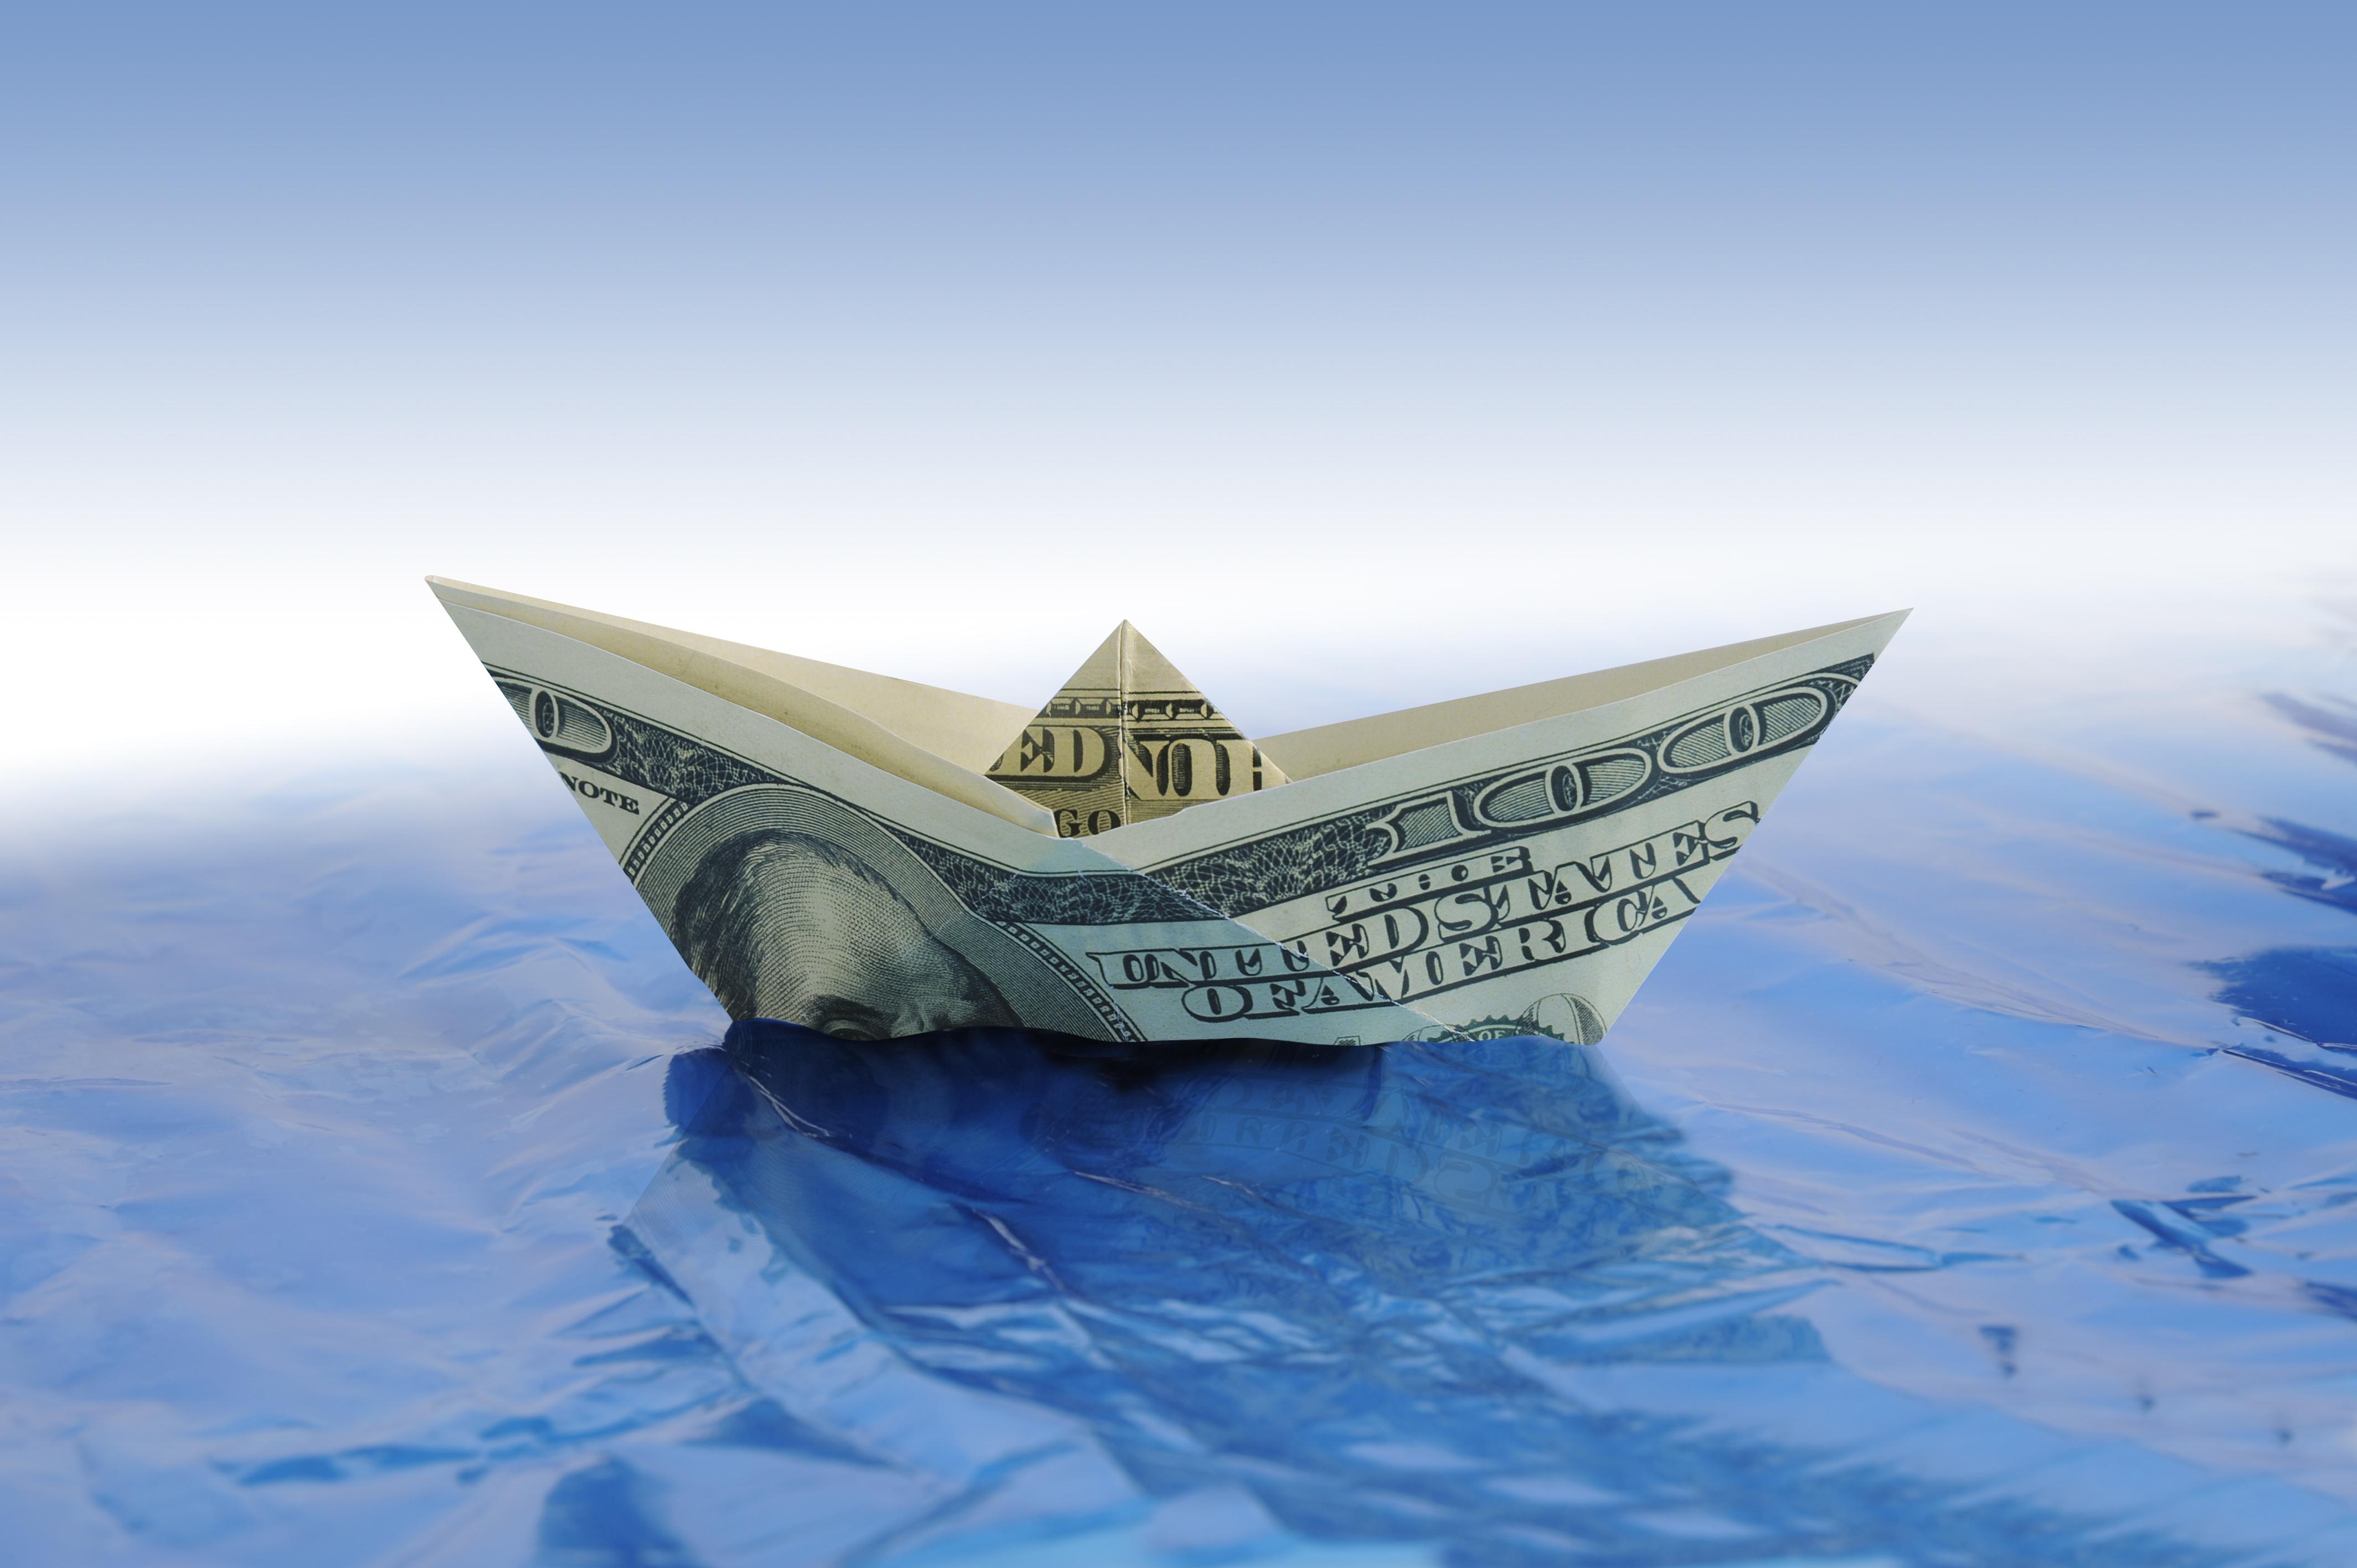 道琼斯指数走势:上涨还是暴跌?袖手旁观静待大势发展